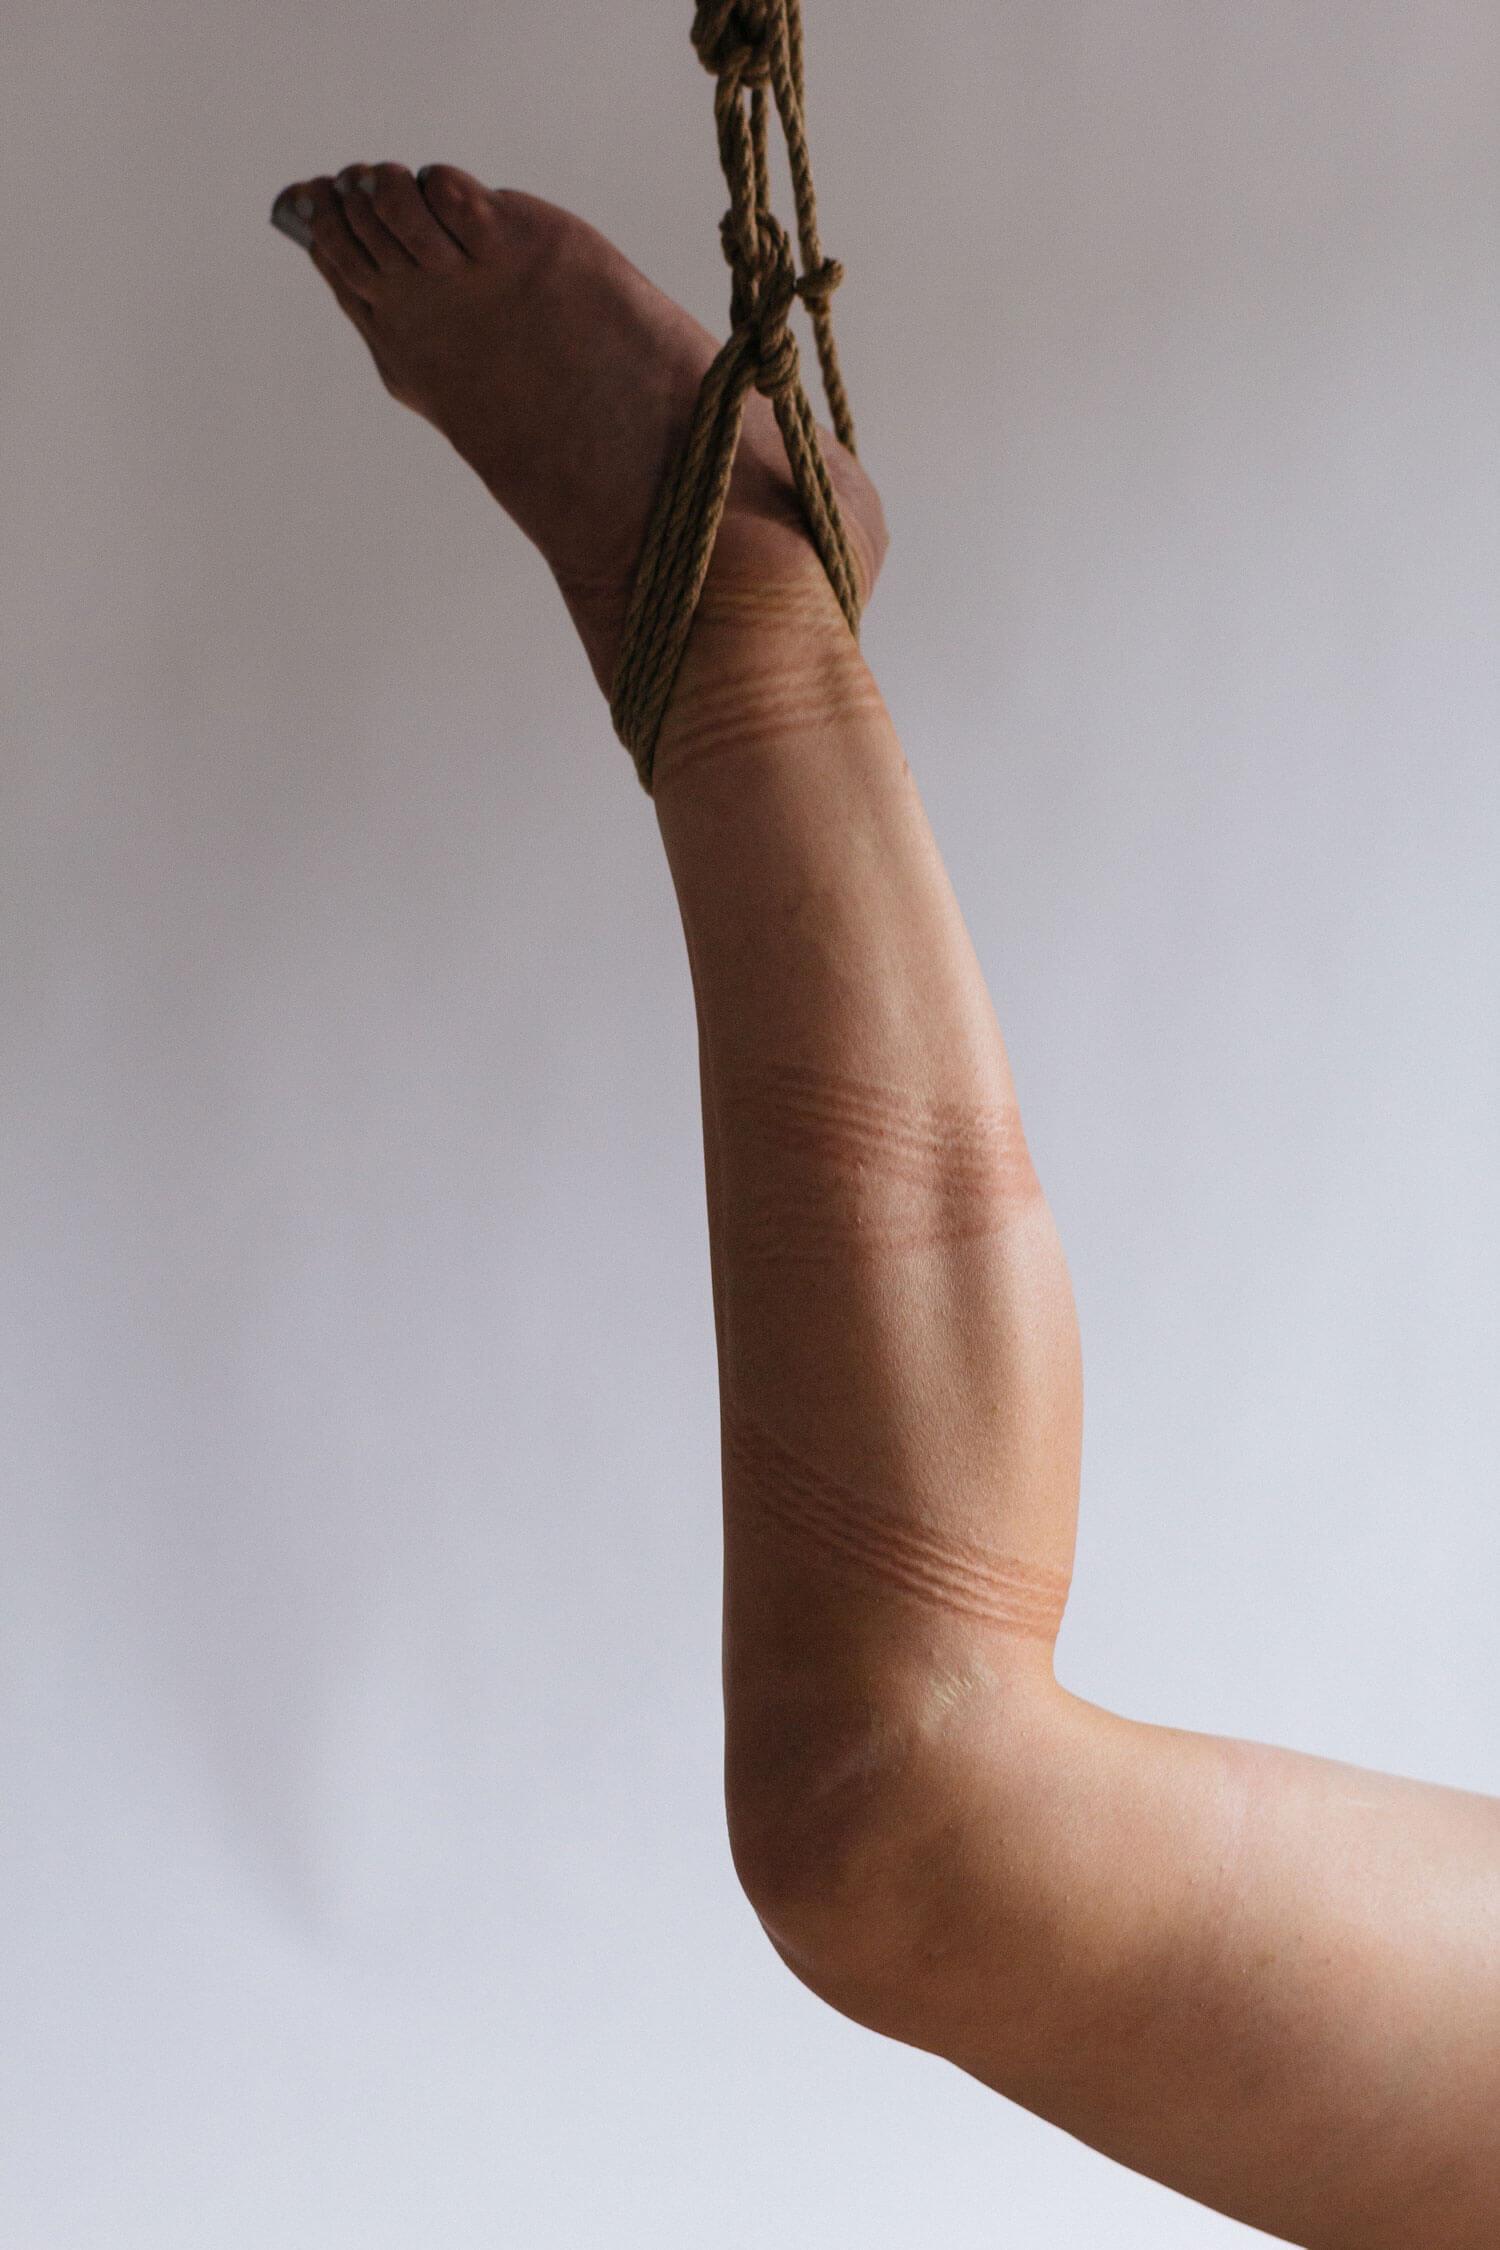 Cum am fost hărțuit de presă după ce mi-am tăiat penisul